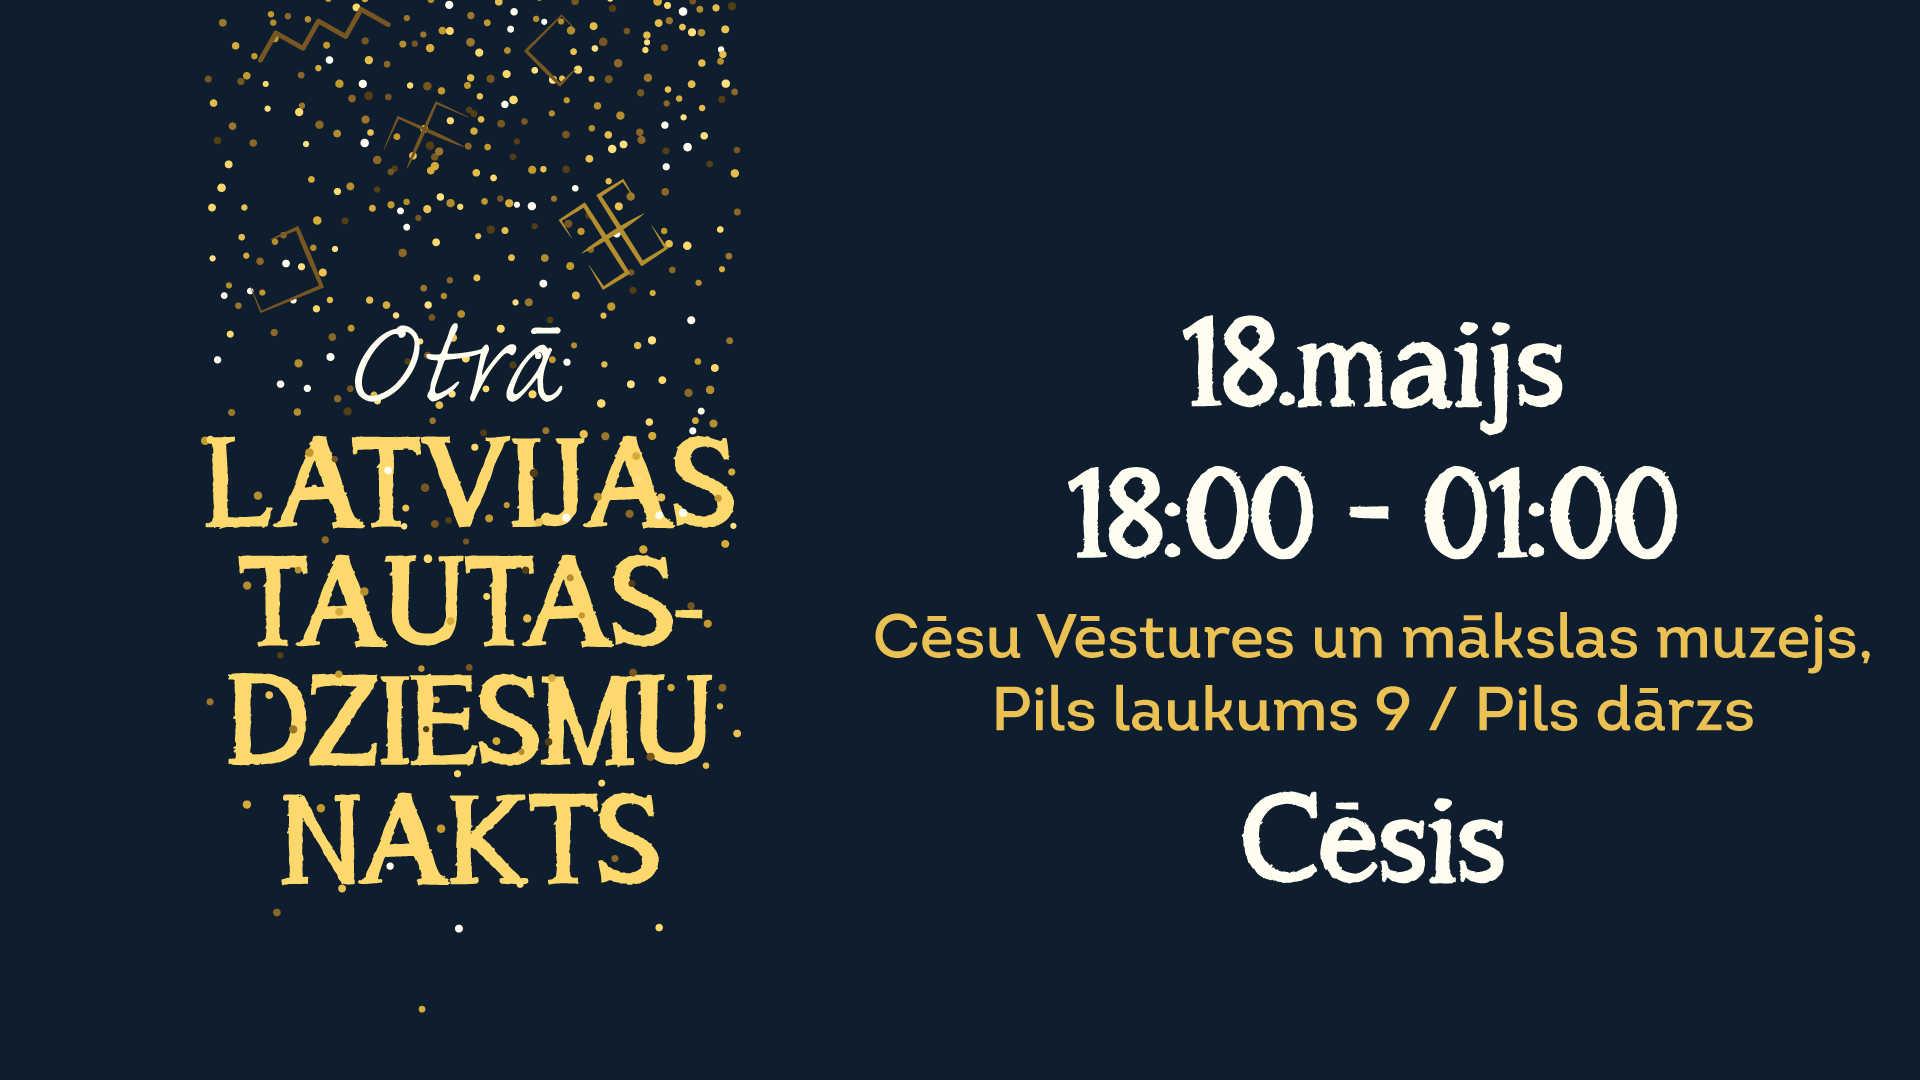 Otrā Latvijas Tautasdziesmu nakts